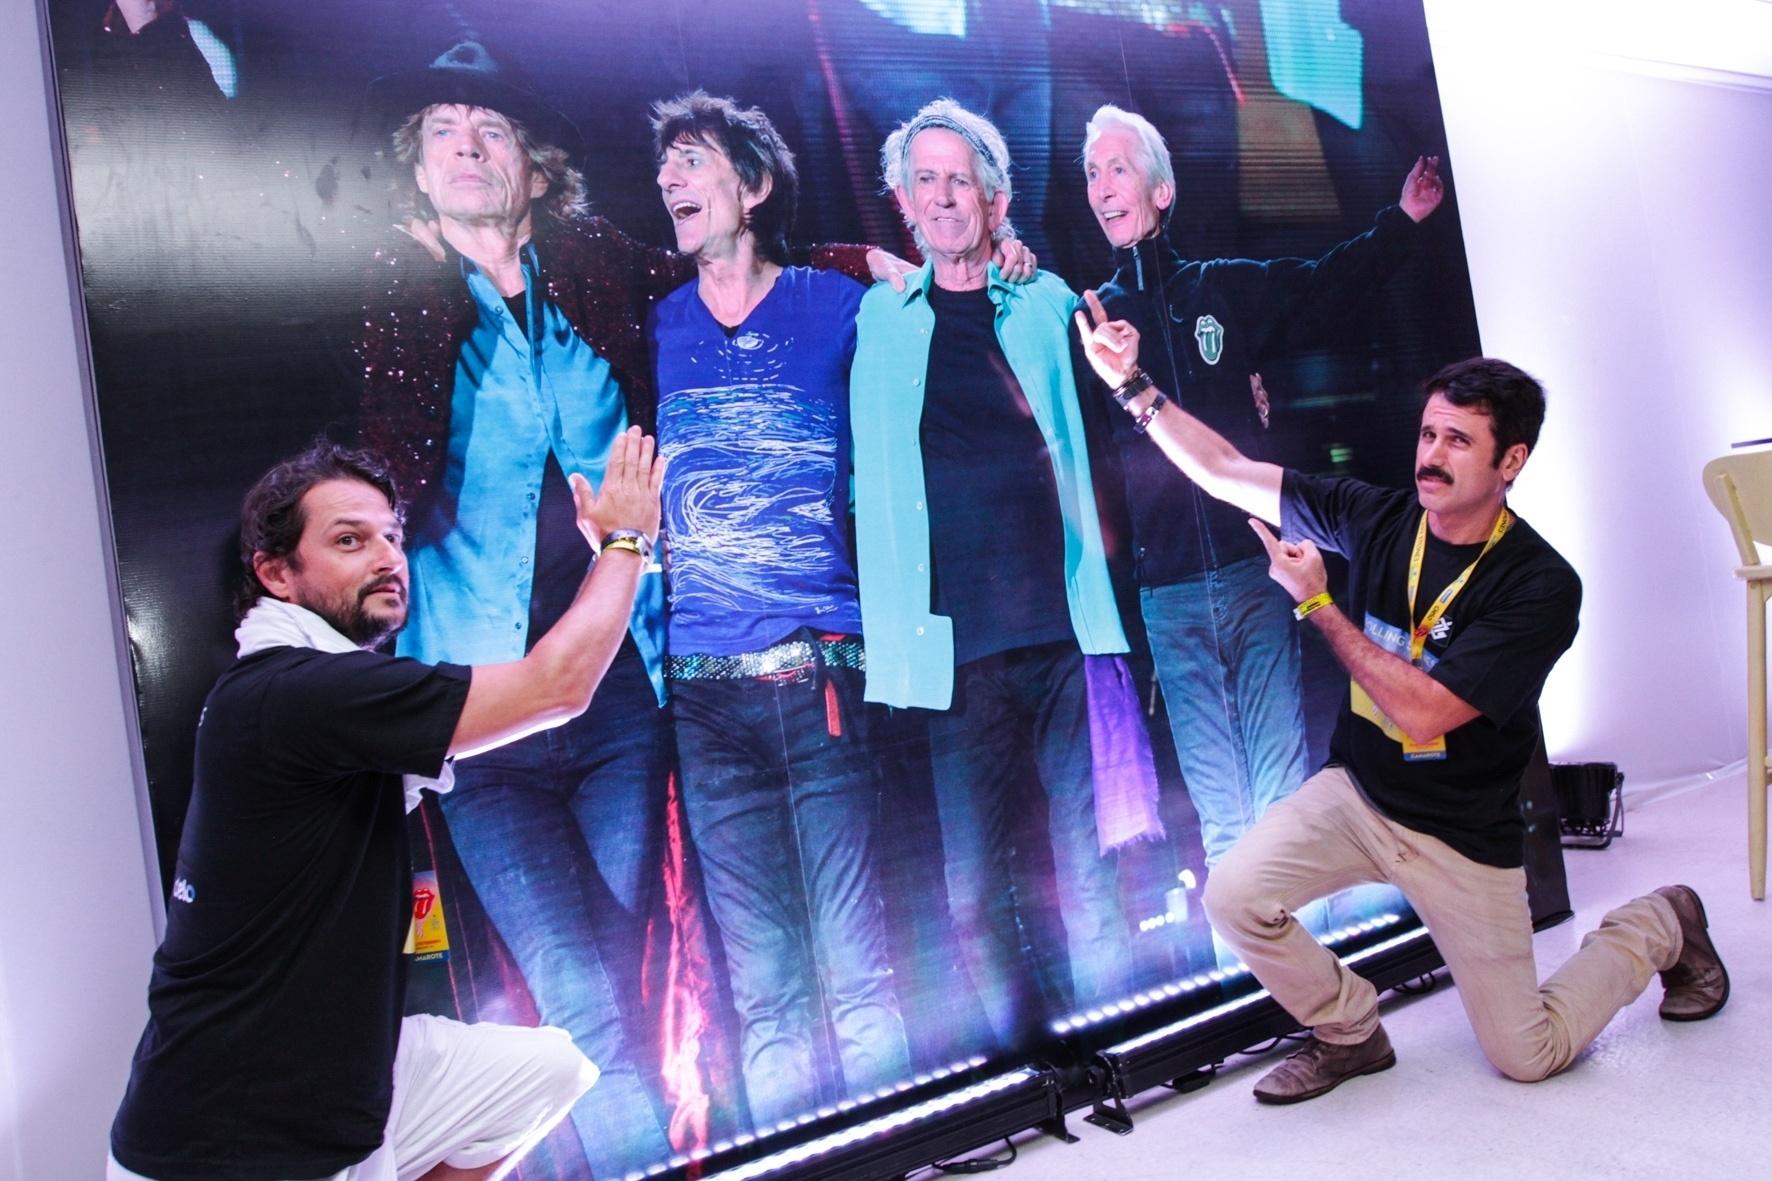 20.fev.2016 - Os atores Marcelo Serrado e Eriberto Leão fazem brincadeira com pôster da banda no camarote do show dos Rolling Stones no Maracanã, no Rio